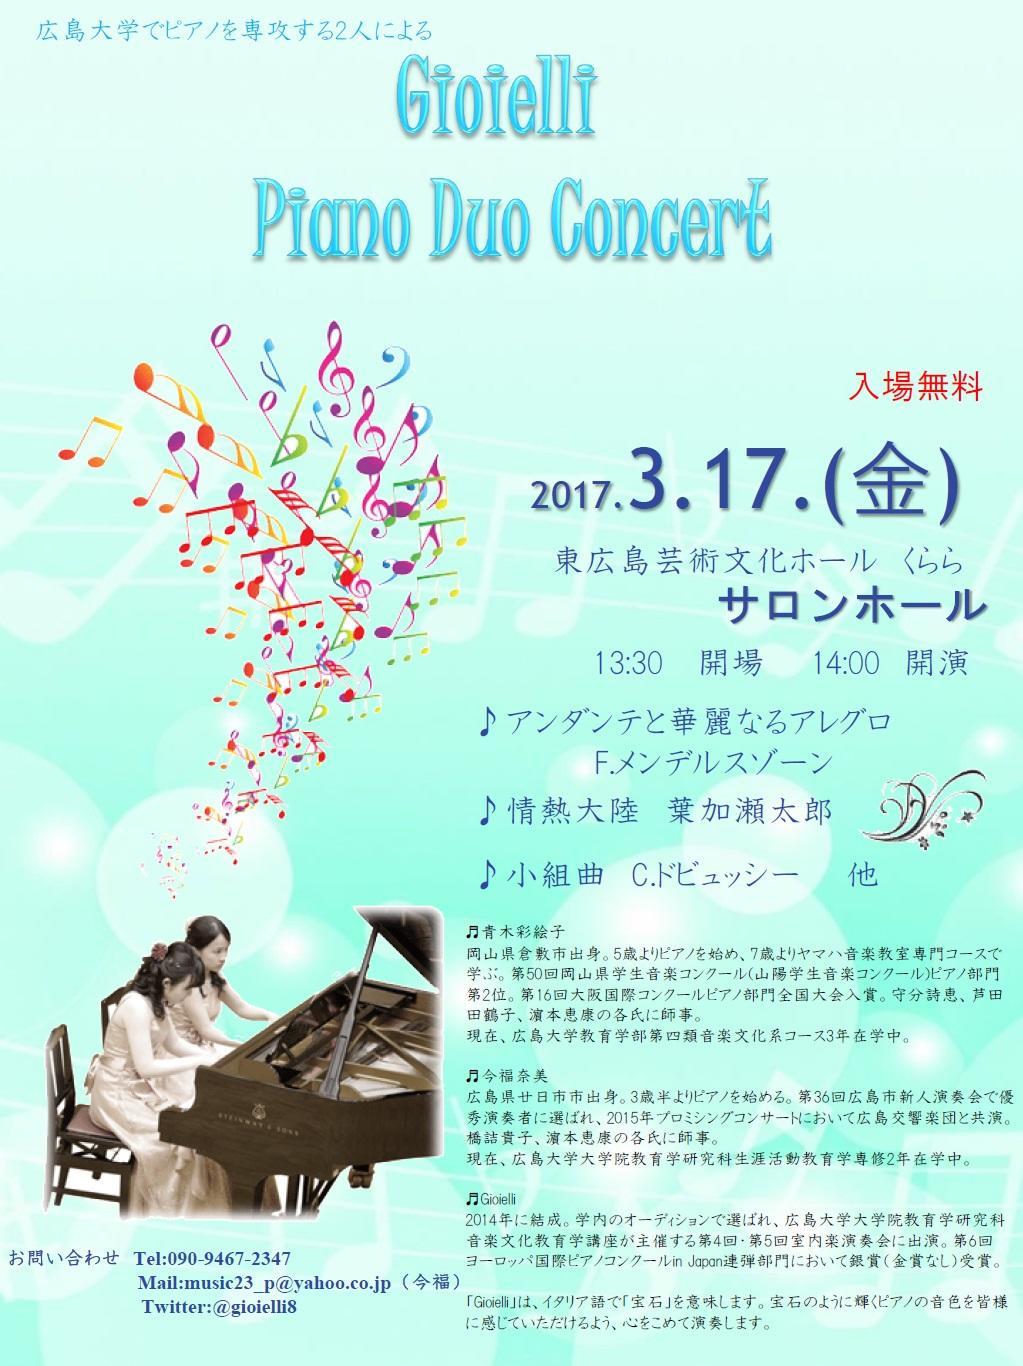 ピアノデュオコンサート【Gioielli】